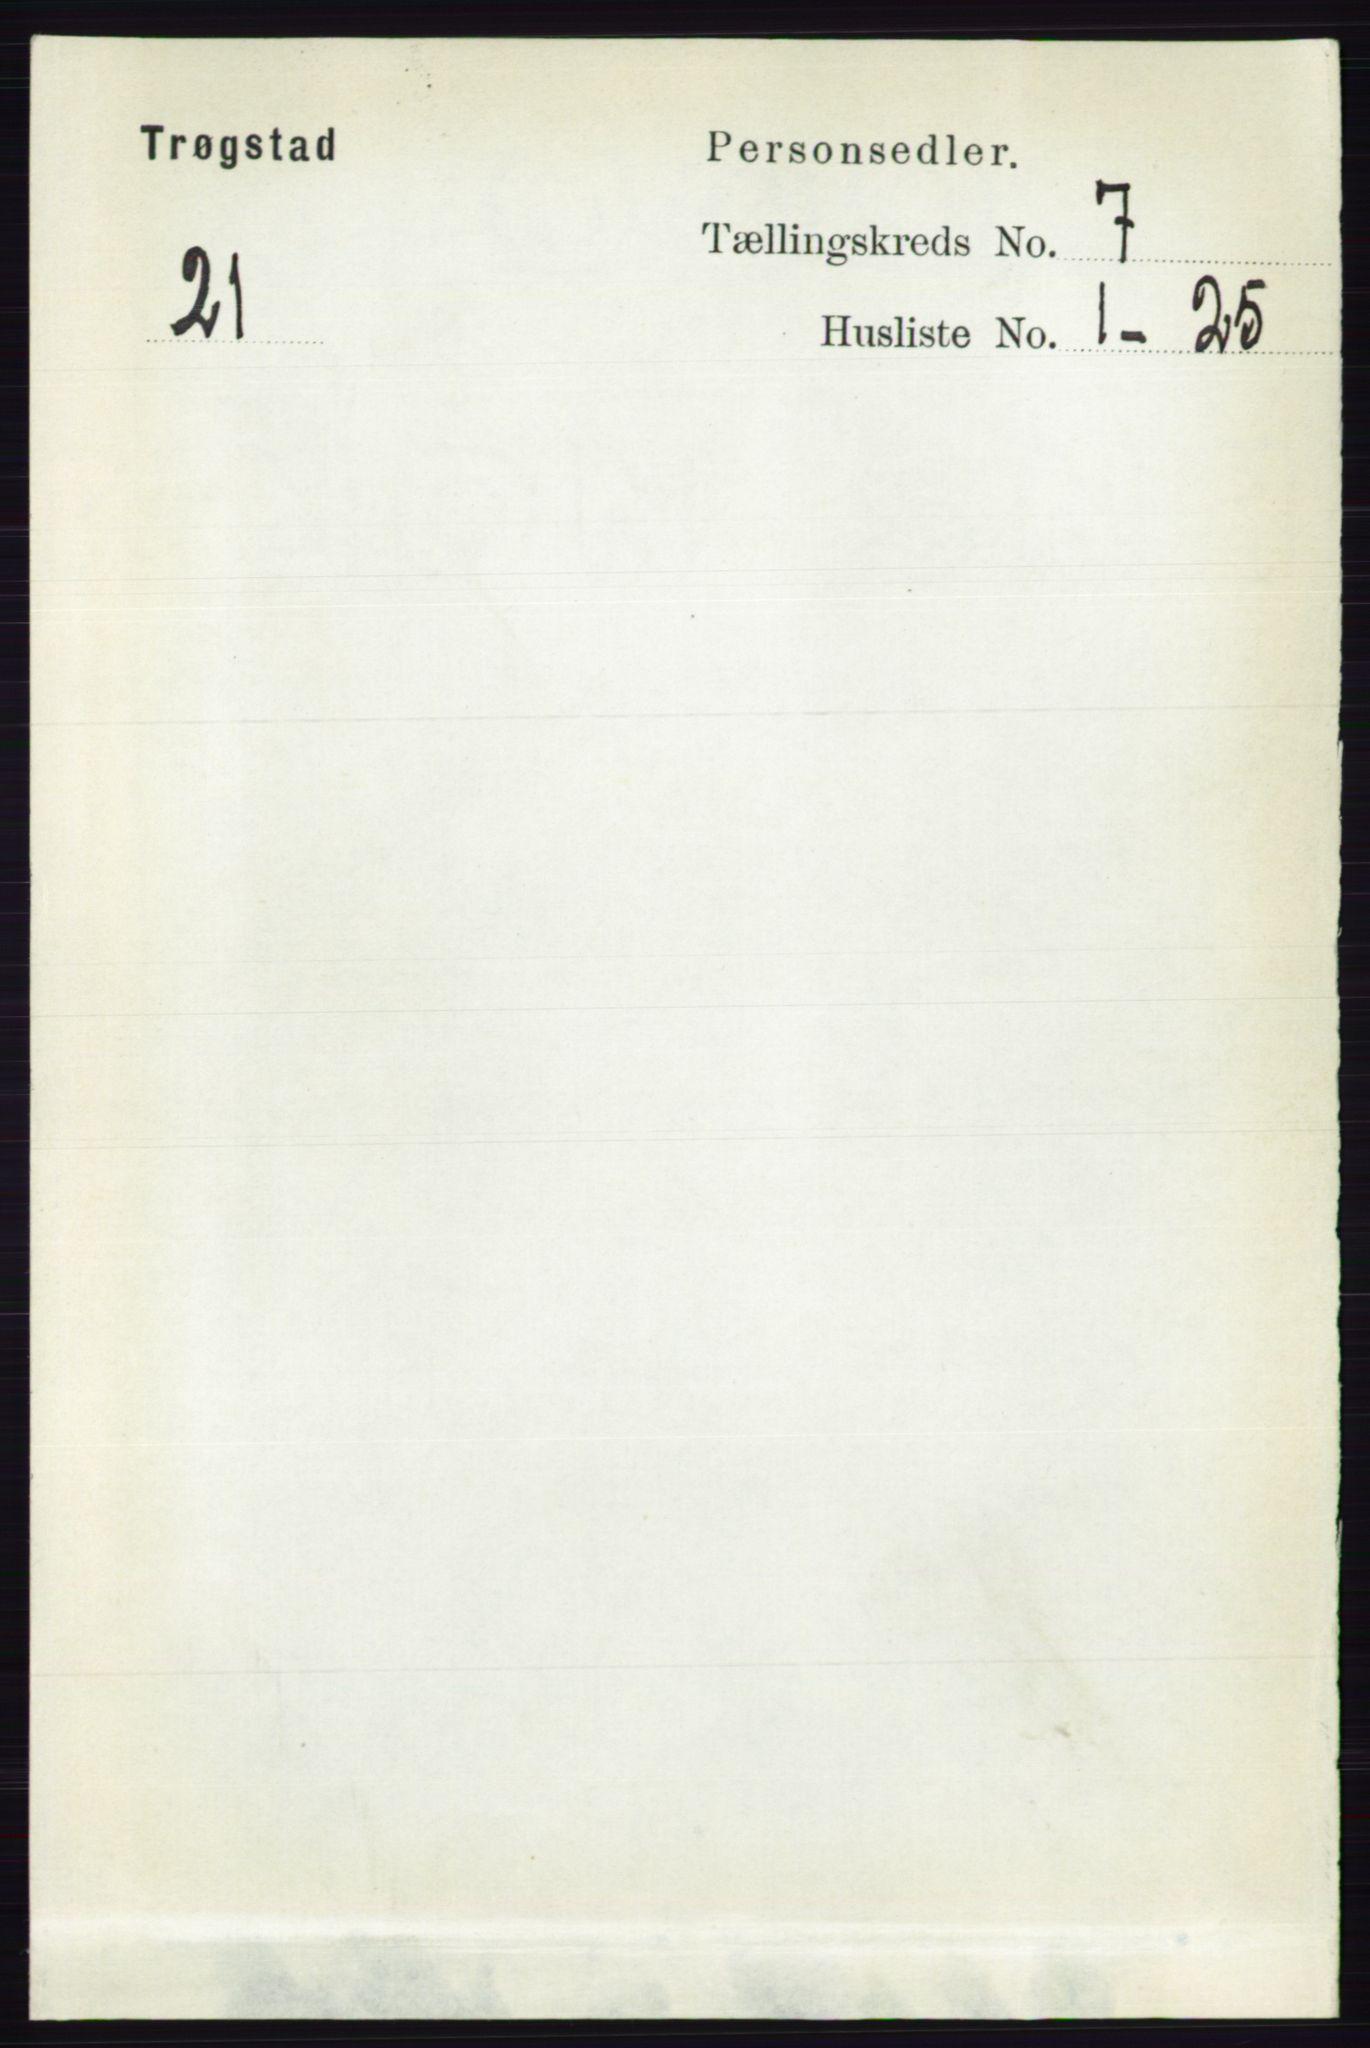 RA, Folketelling 1891 for 0122 Trøgstad herred, 1891, s. 2922